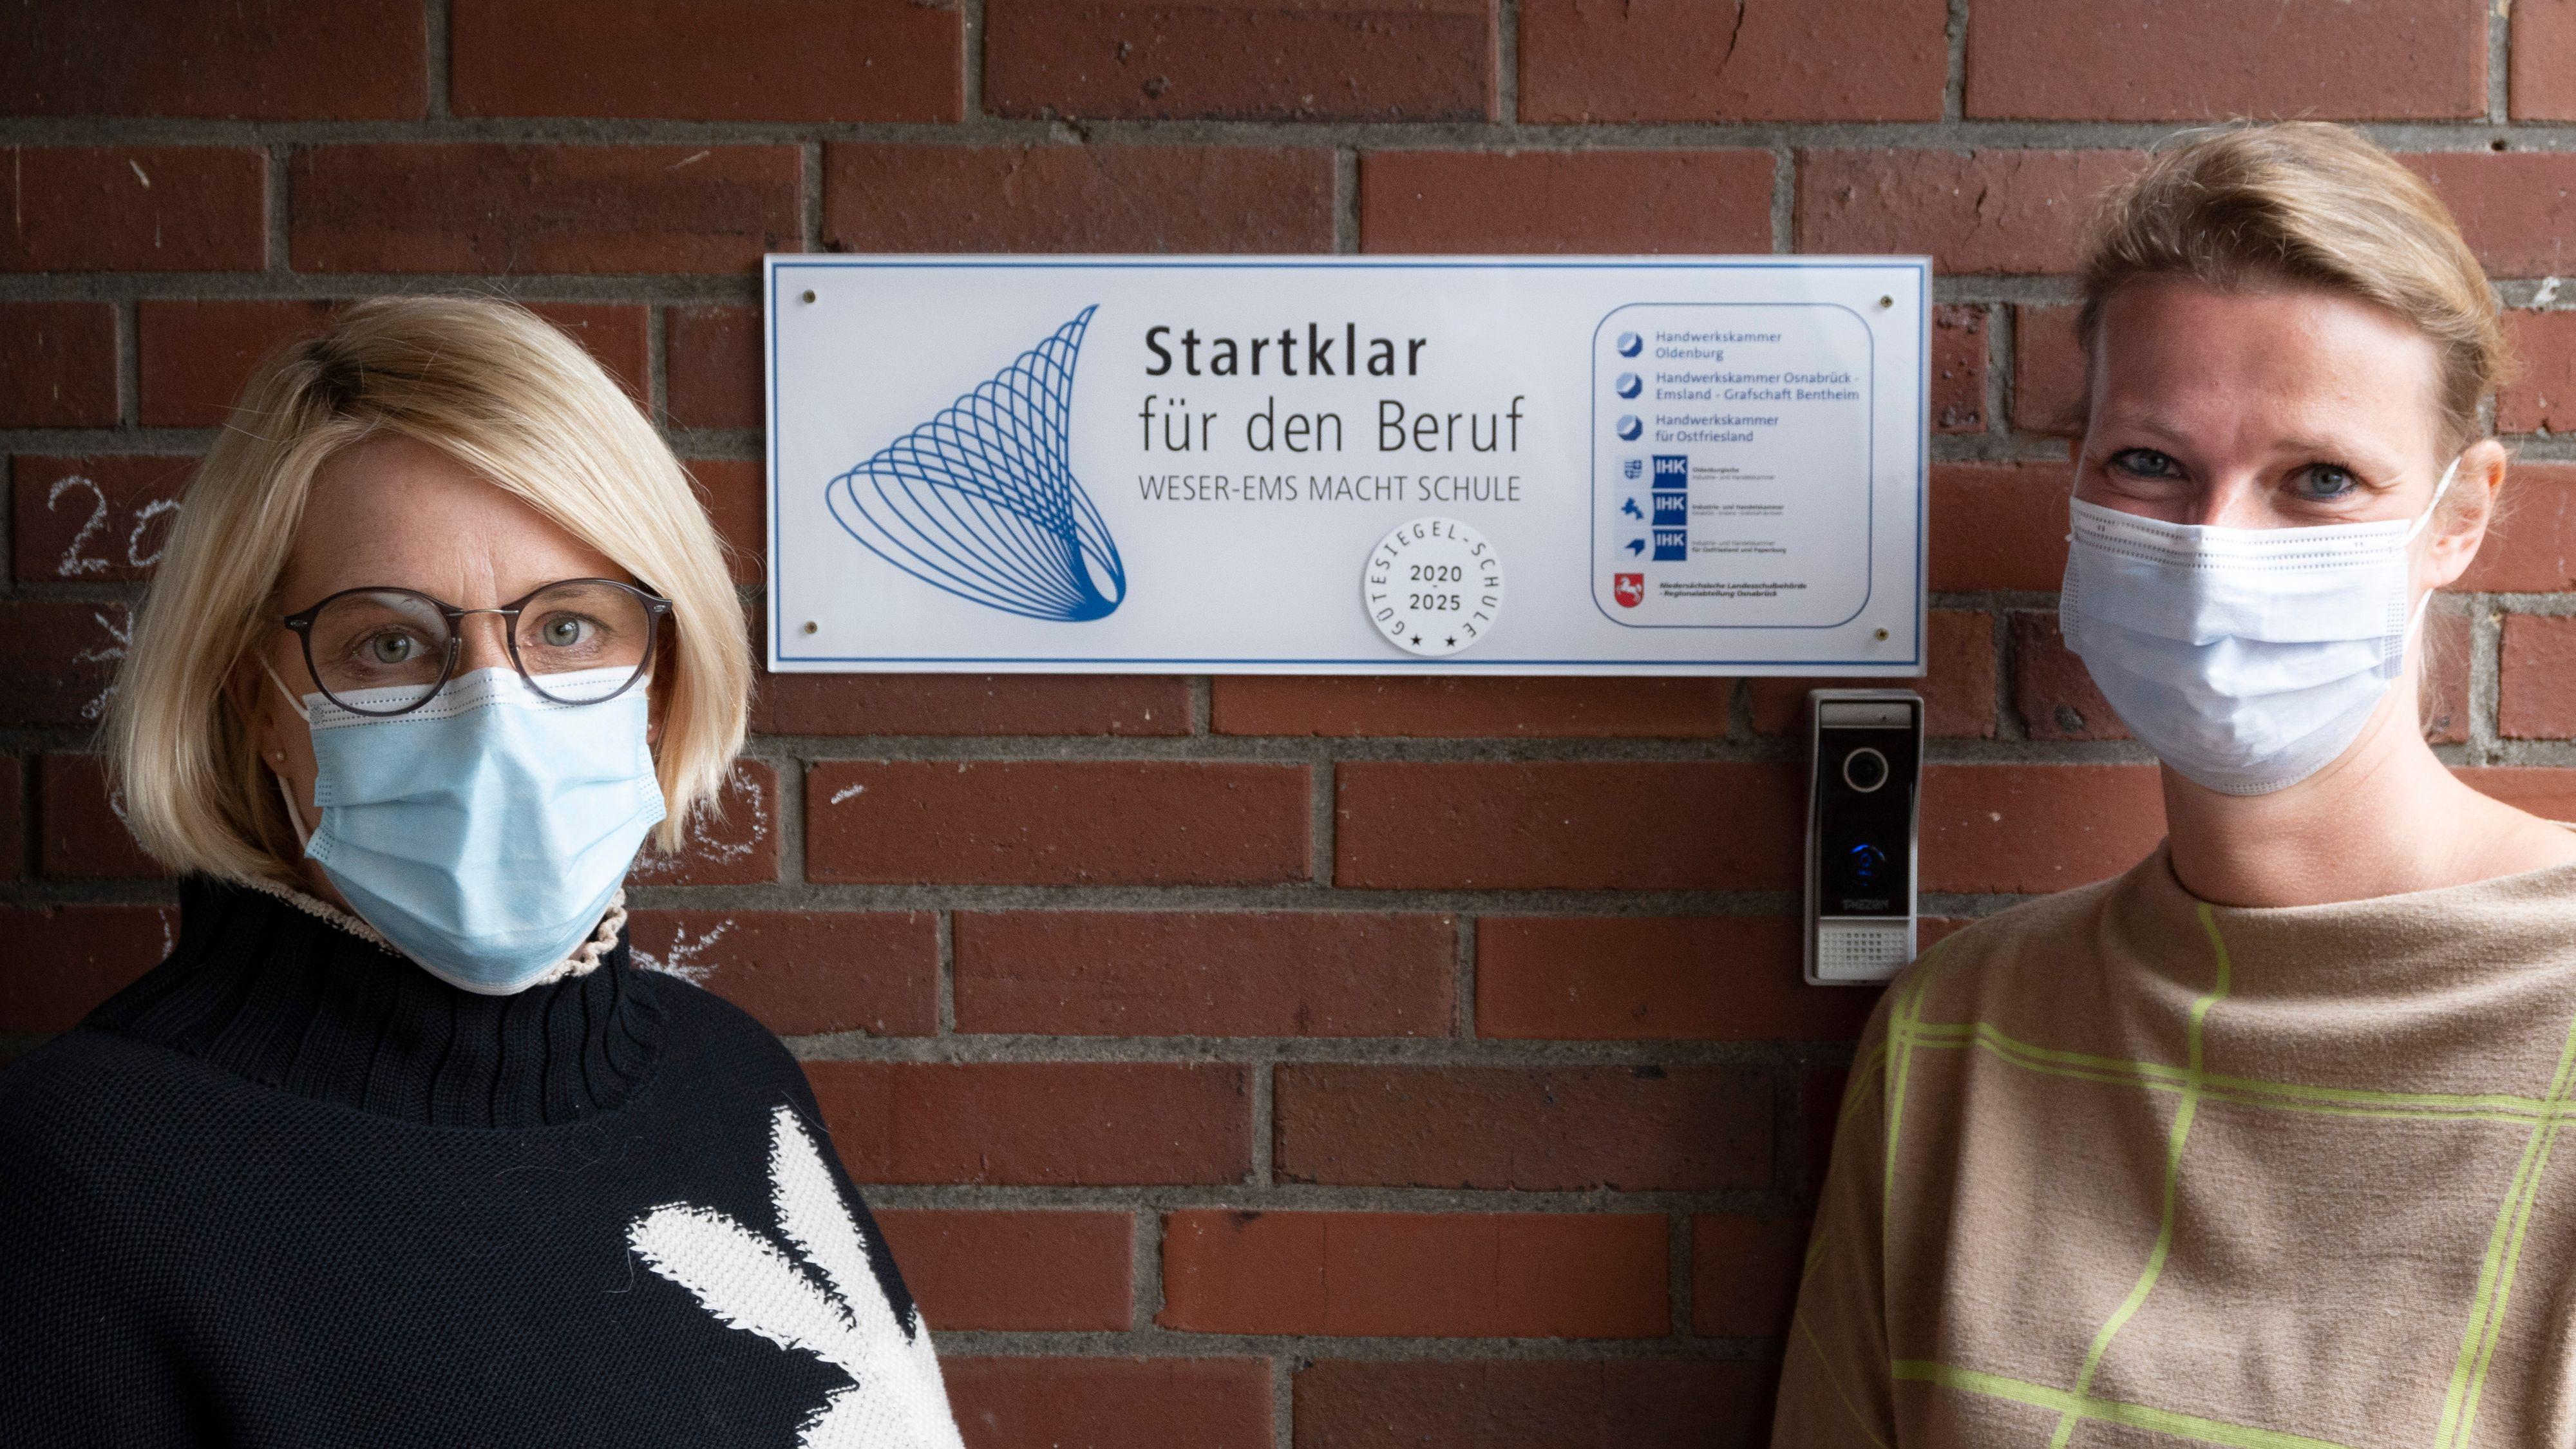 Qualität bestätigt: Heike Kloster, Didaktische Leiterin der OBS Emstek (links), und Diplom Sozialpädagogin/ -arbeiterin (FH) Sandra Meyer stellen das Gütesiegel vor. Foto: Thomas Vorwerk